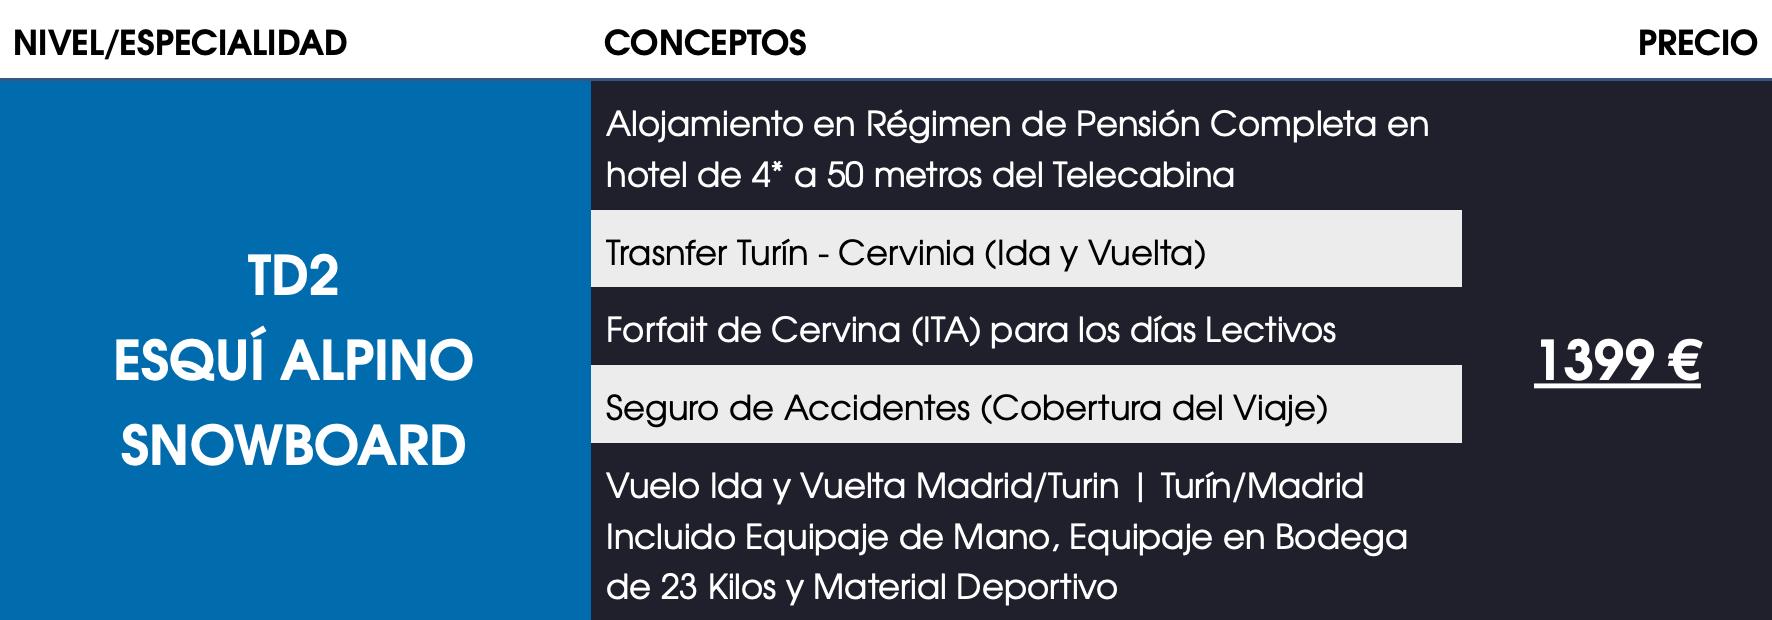 TD2 Conceptos Cervinia 2021